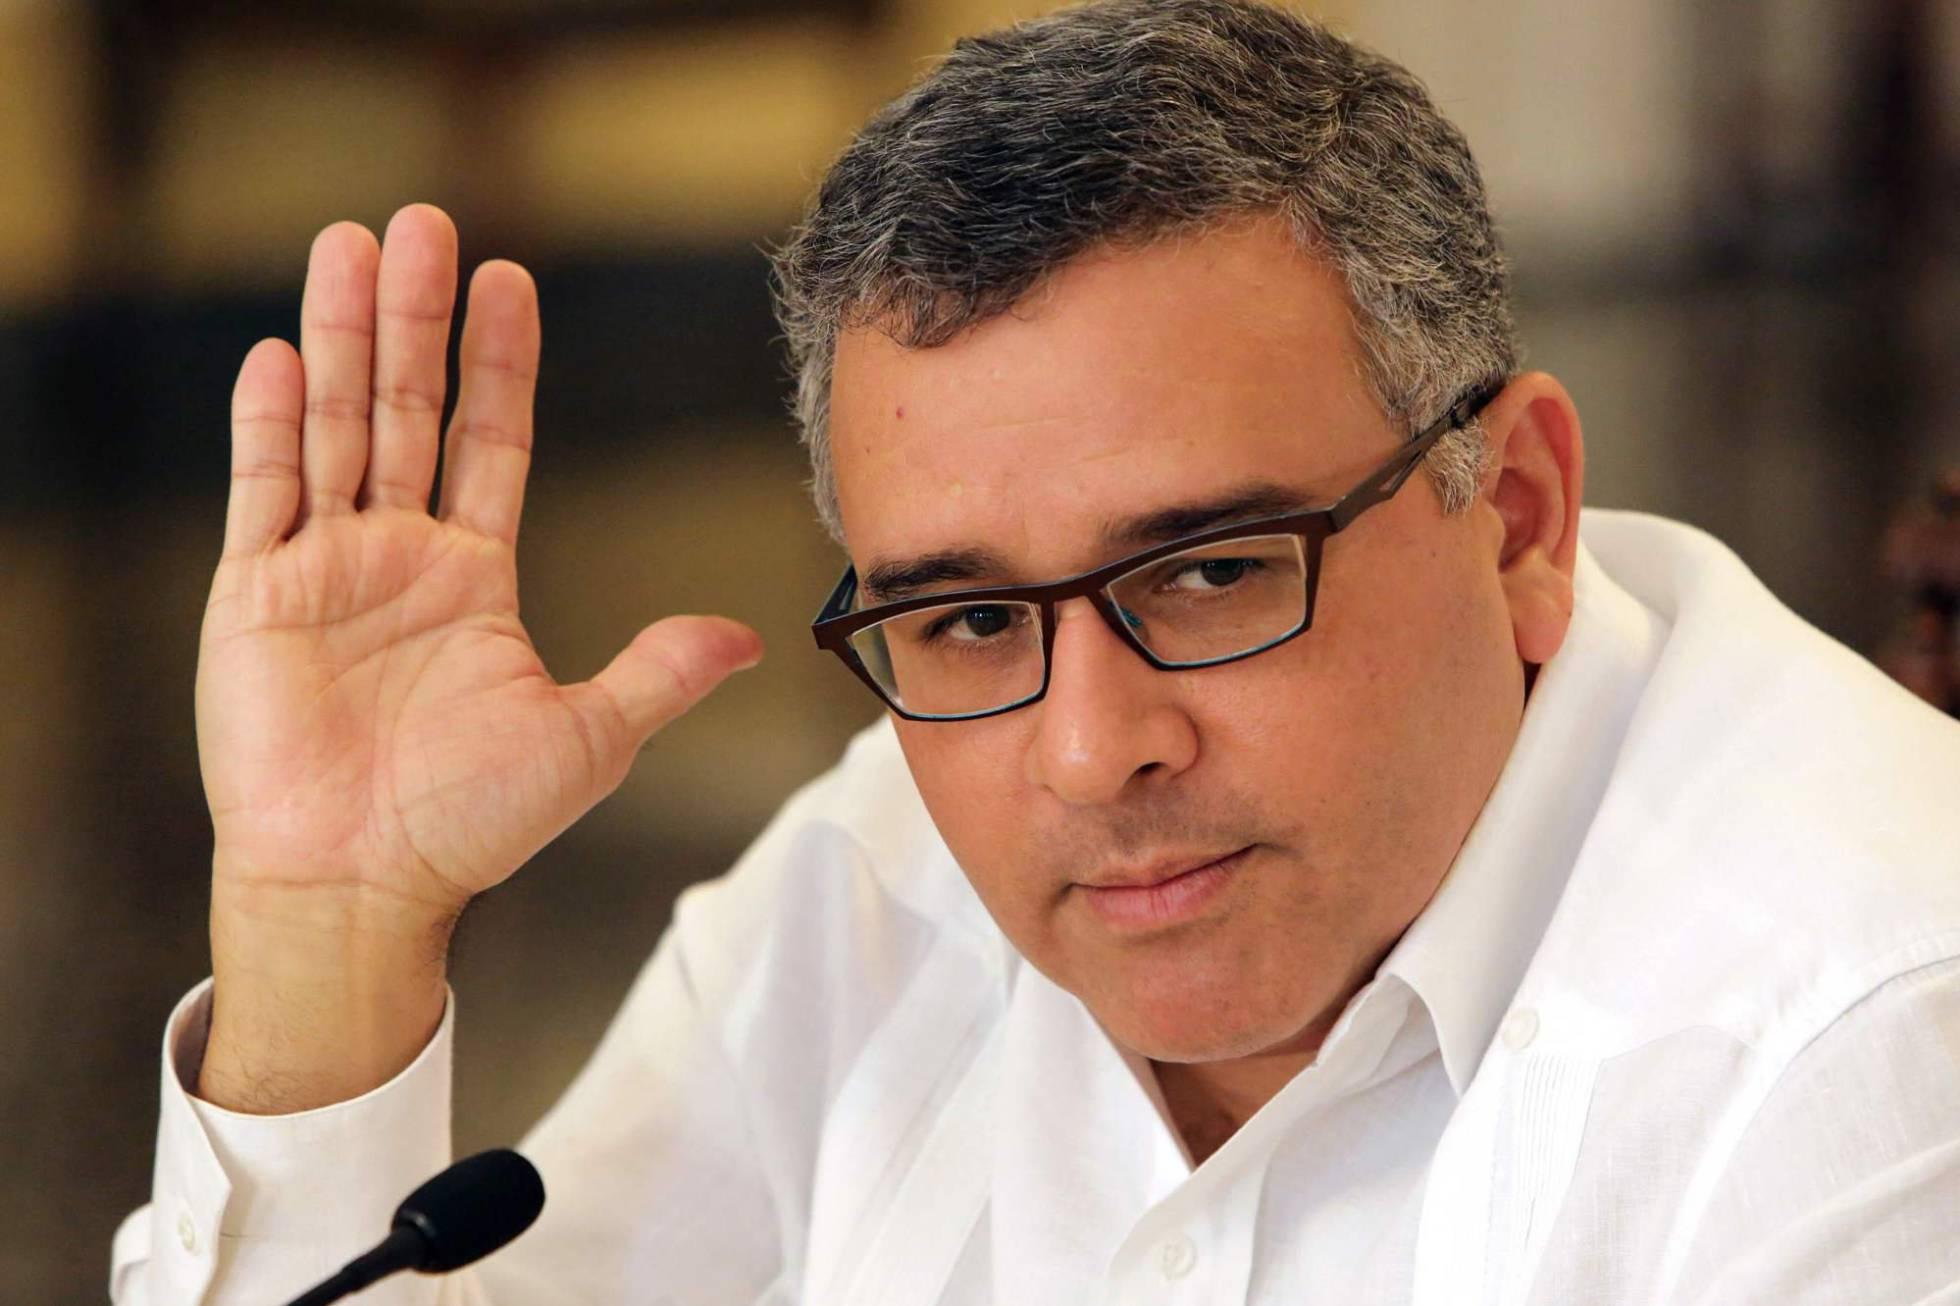 El expresidente salvadoreño Mauricio Funes, acusado de lavar dinero en Panamá y Suiza